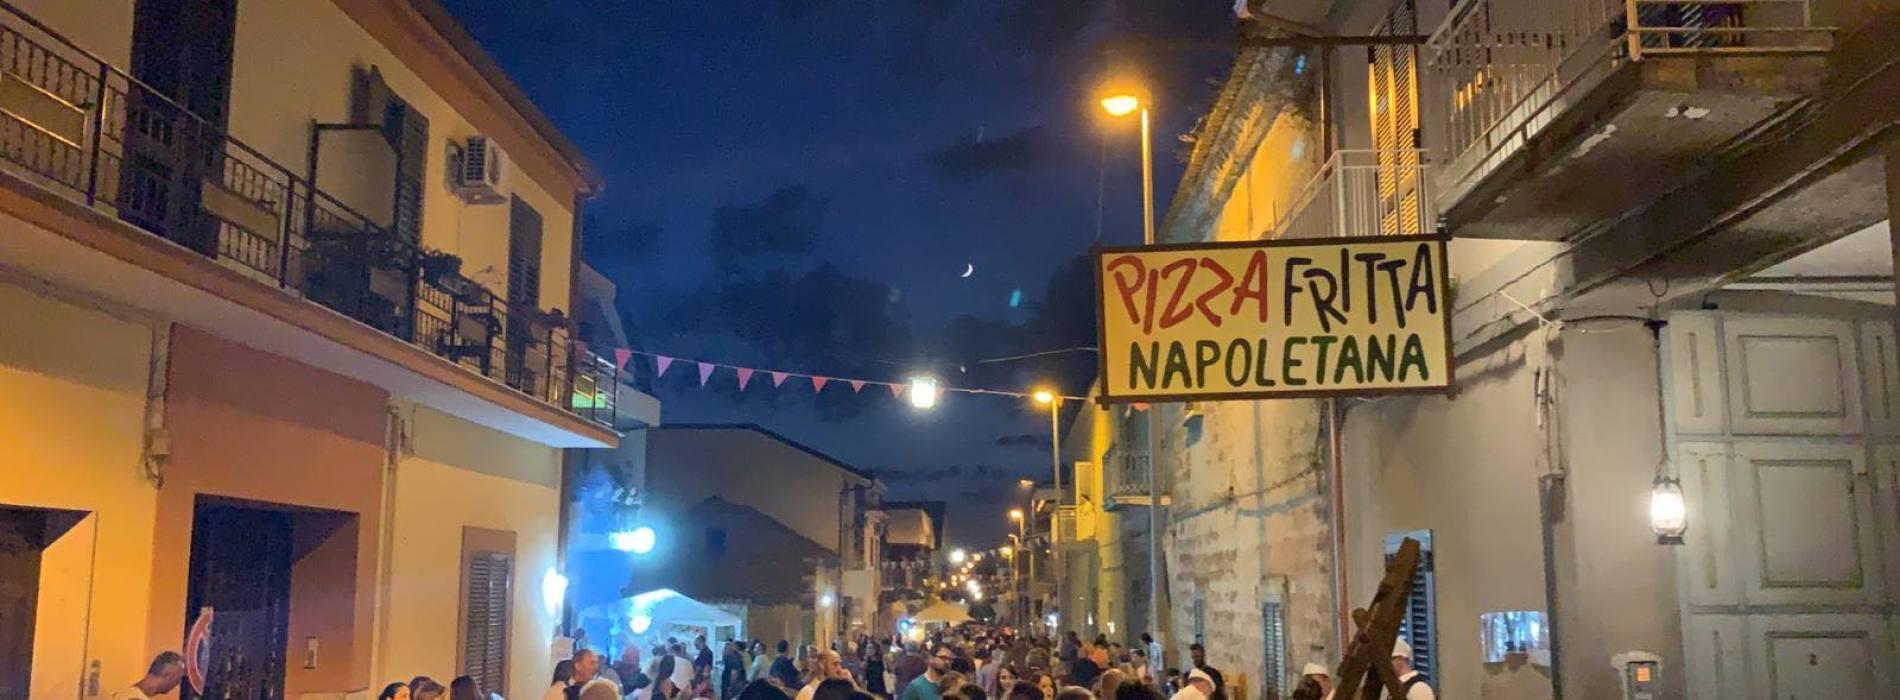 Buona la prima! A Sant'Angelo in Formis la festa è nei portoni